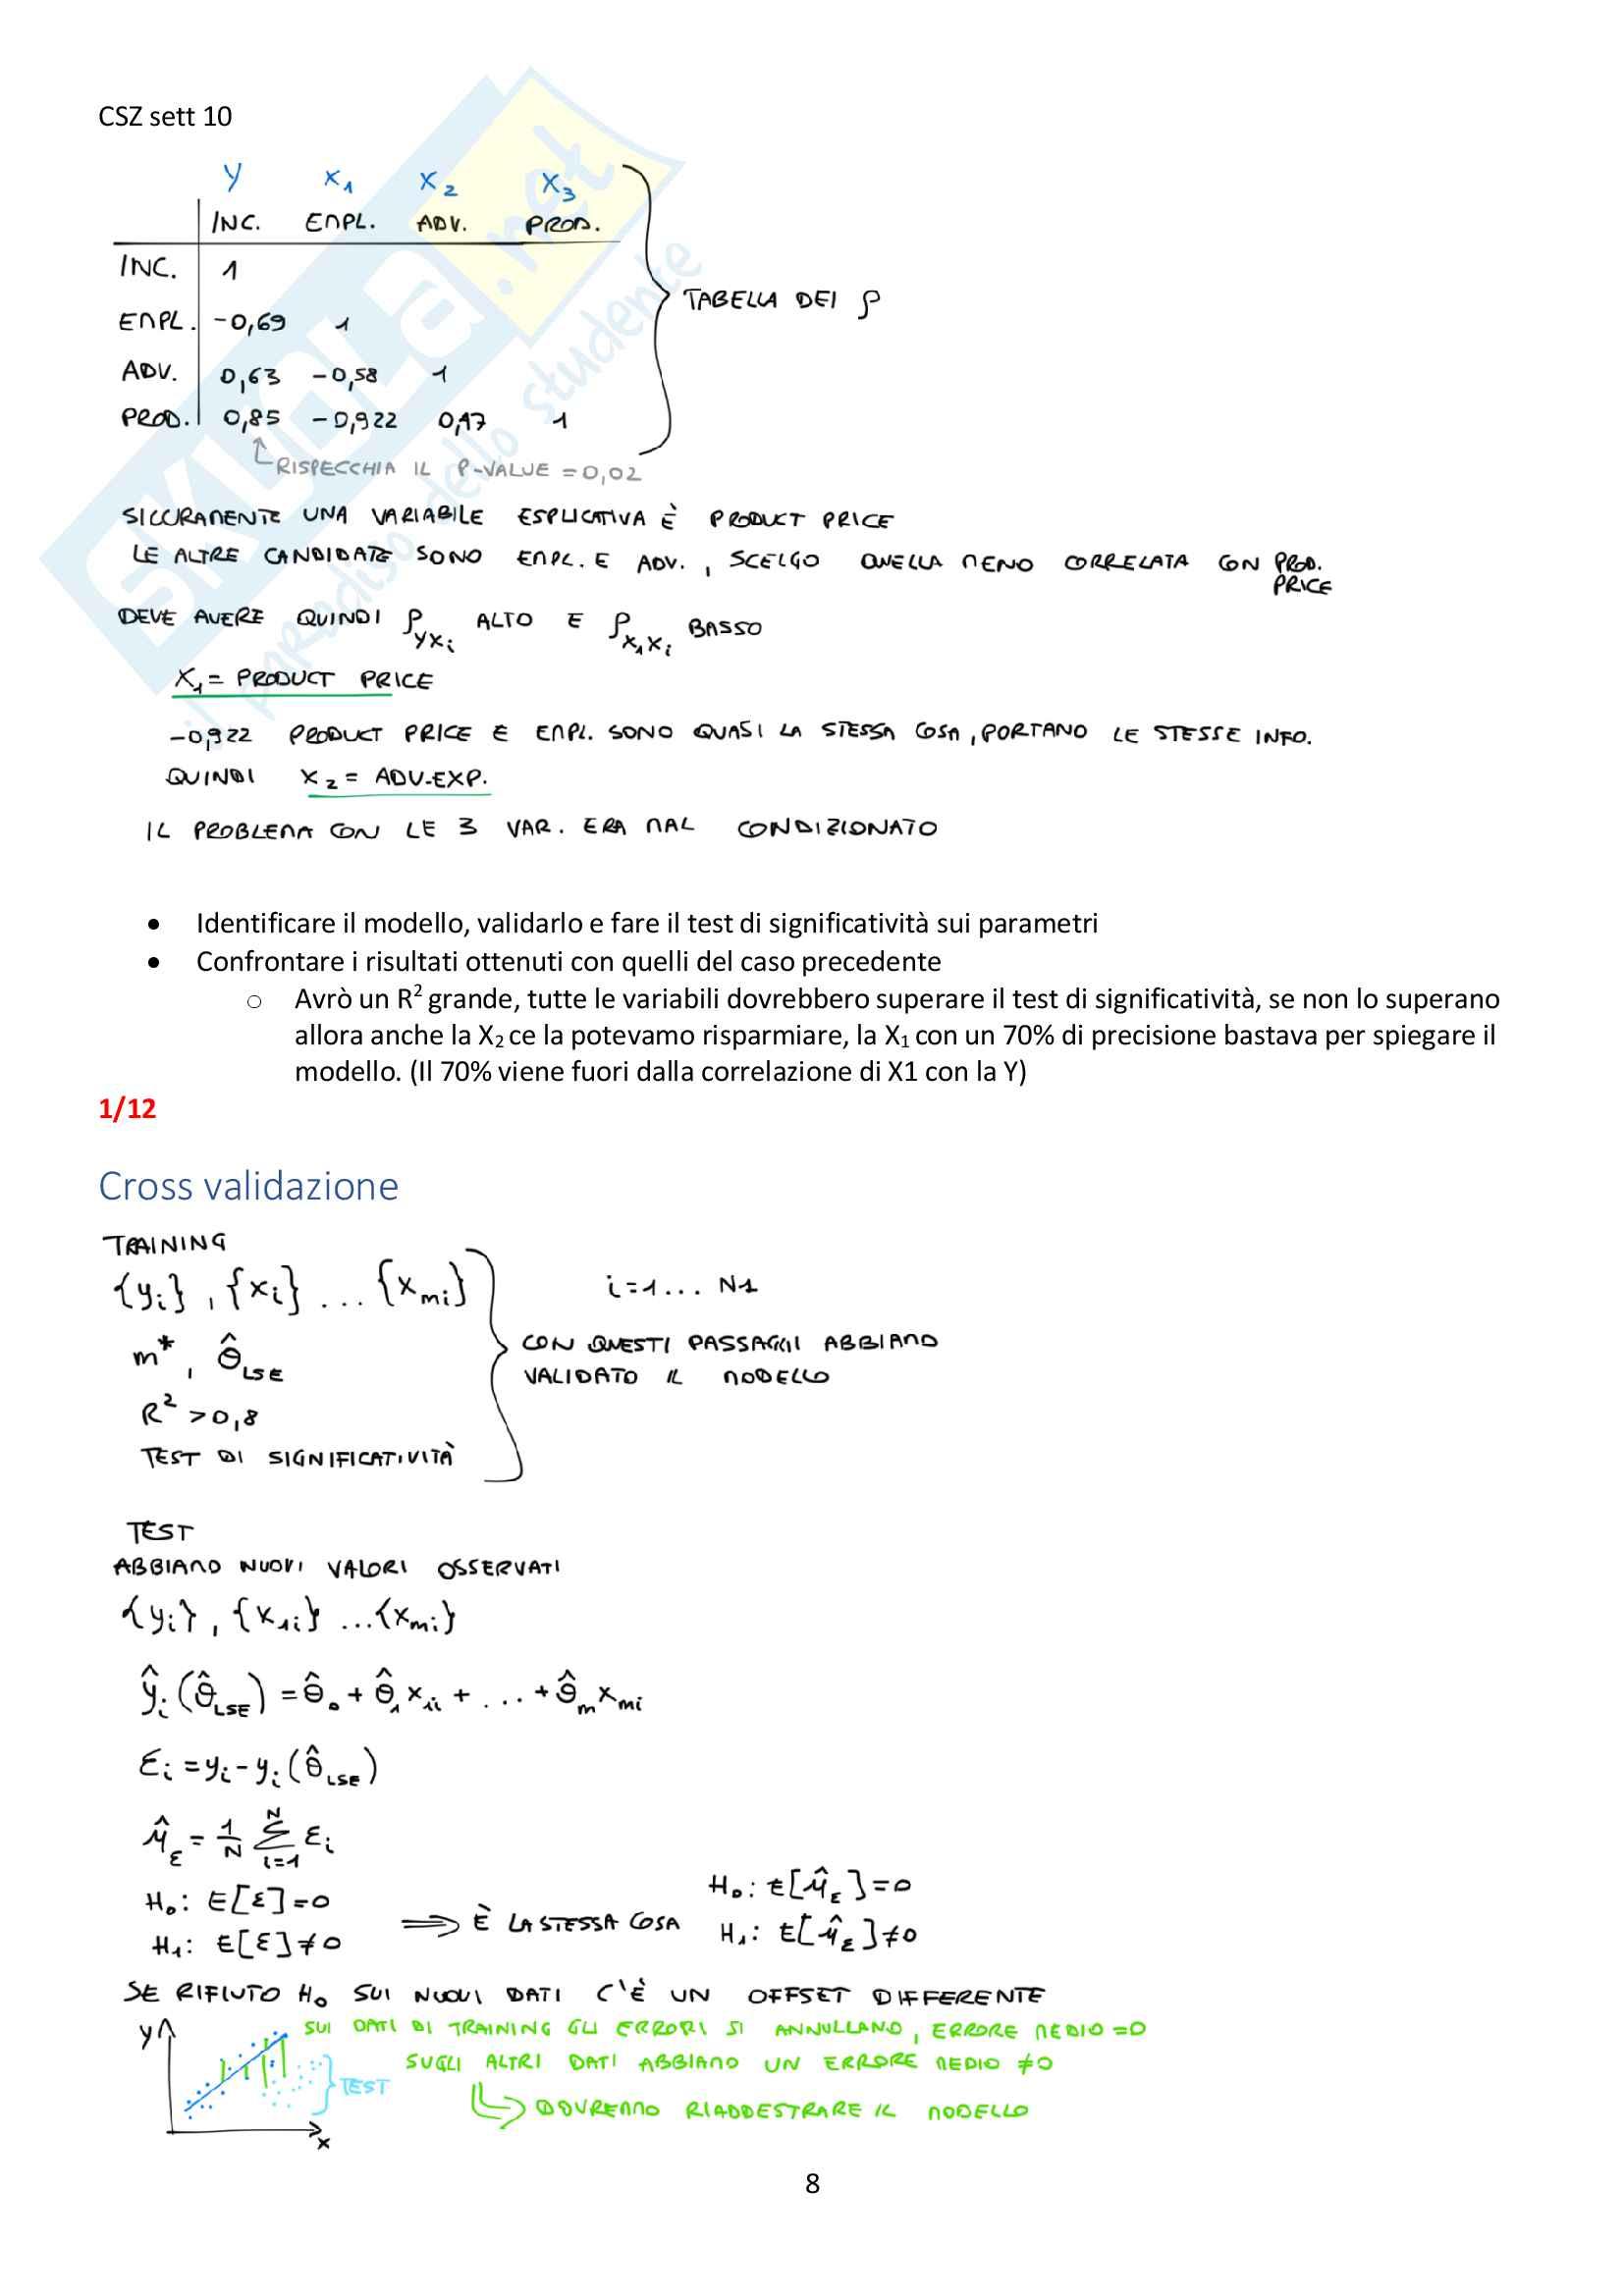 Appunti del corso Modellistica e identificazione, prof. De Santis Pag. 96